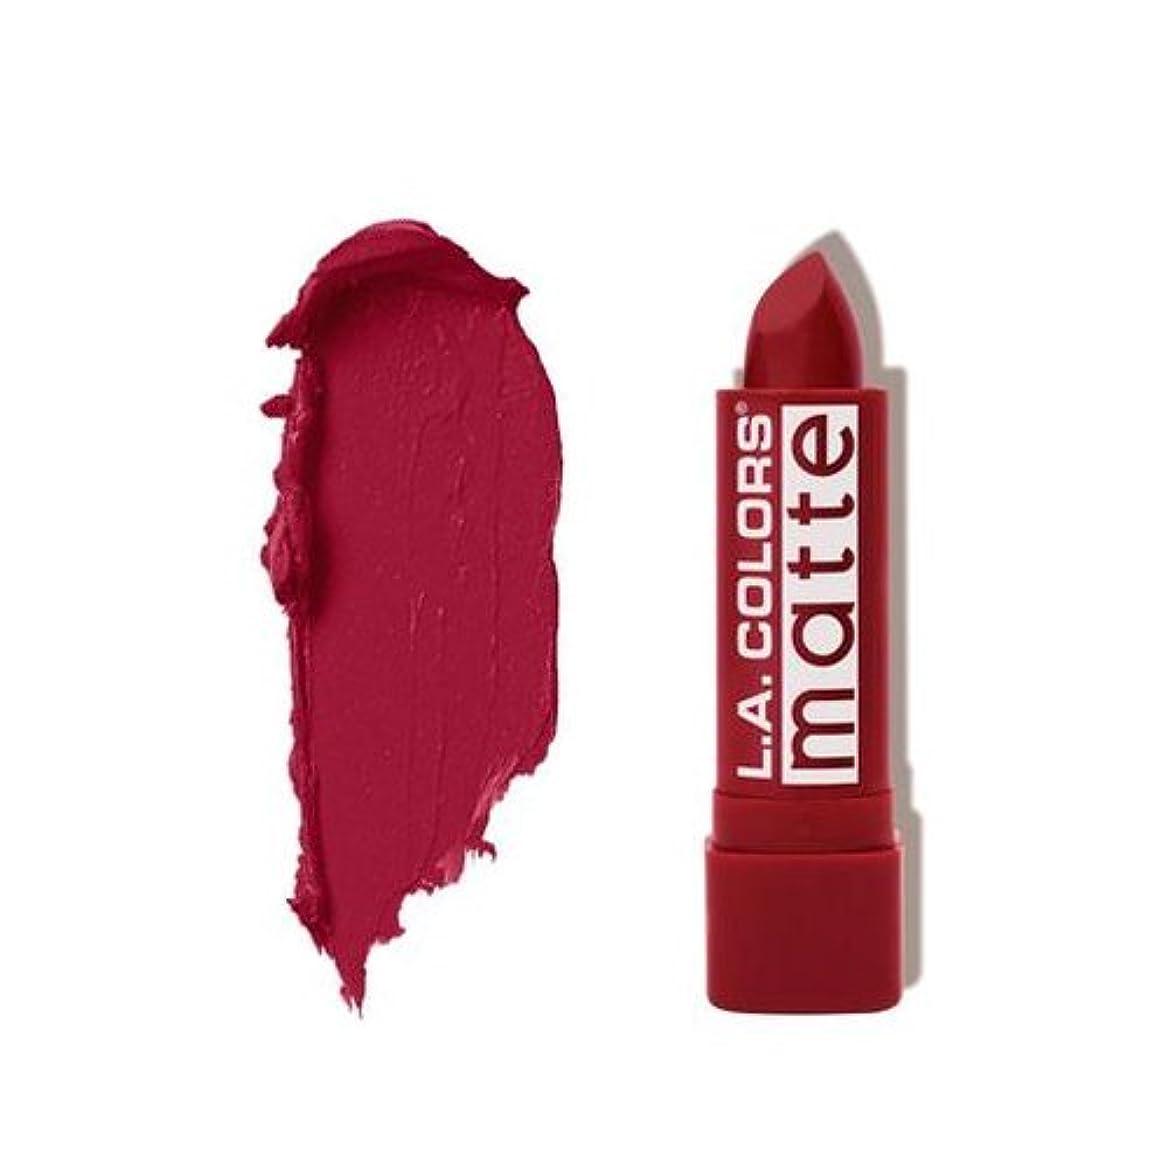 外出忘れるしなければならない(3 Pack) L.A. COLORS Matte Lip Color - Relentless Red (並行輸入品)